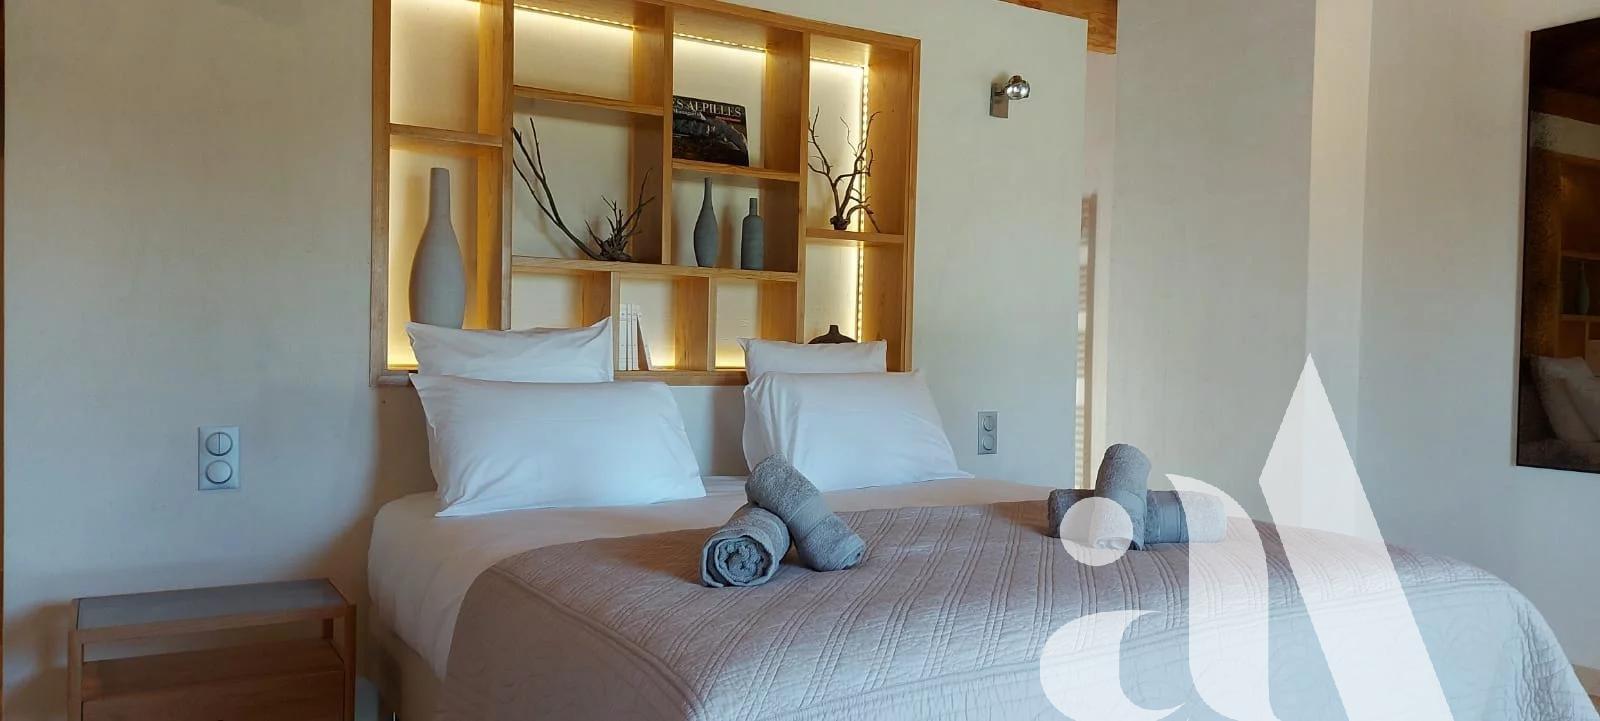 LE MAS DESTET - MAUSSANE-LES-ALPILLES -  5 chambres- 10 personnes